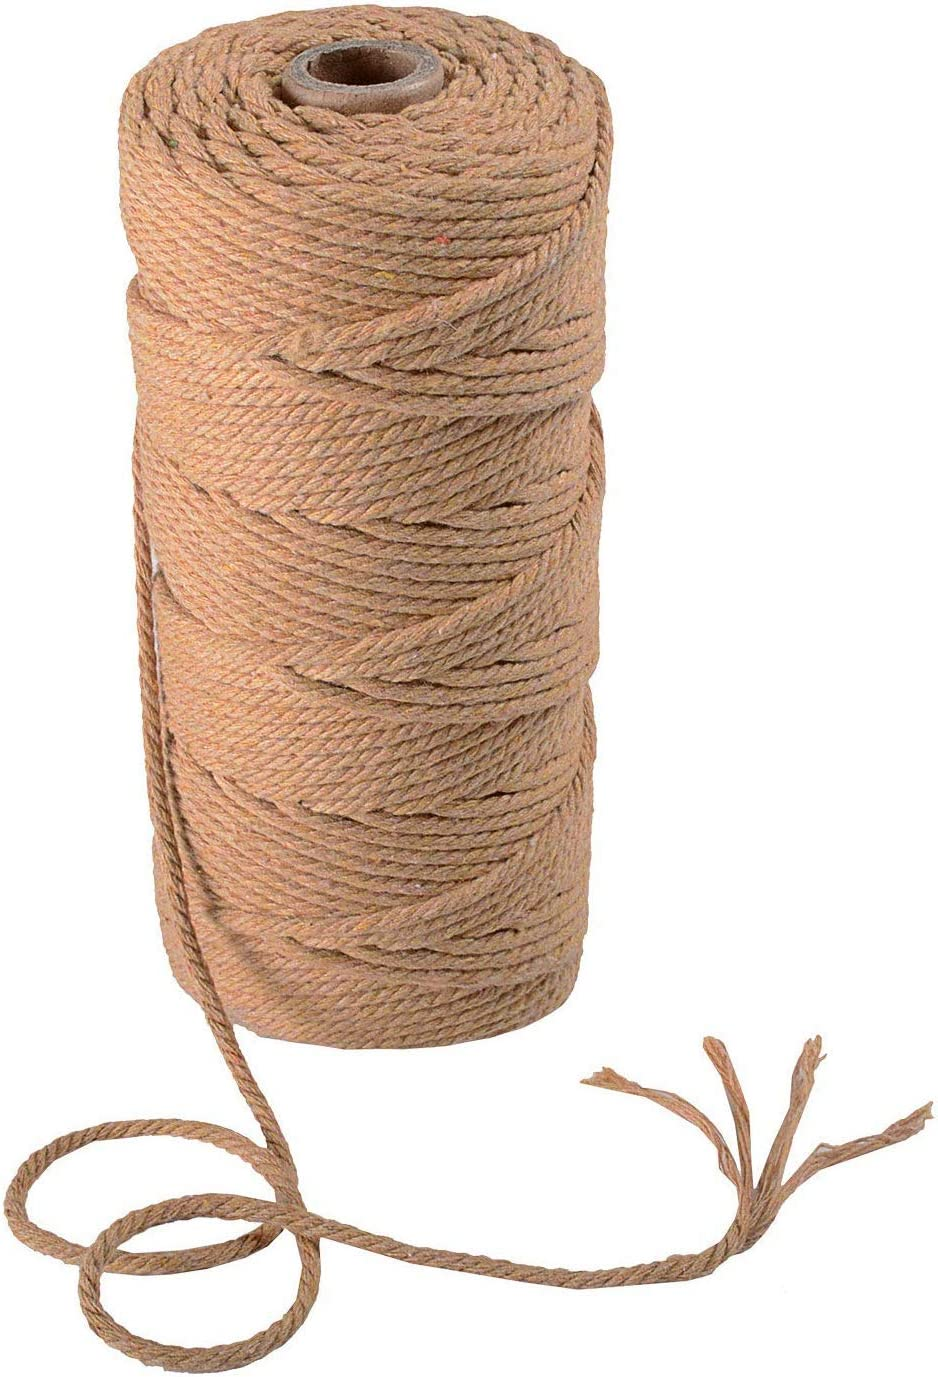 Orange Pflanzenh/änger SUNTQ Makramee Garn 4-lagig Polyester Baumwolle Garn 3mm x 100m Stricken Wandbehang Dekorative Projekte Weiches Baumwollseil Baumwollschnur f/ür DIY Kunsthandwerk